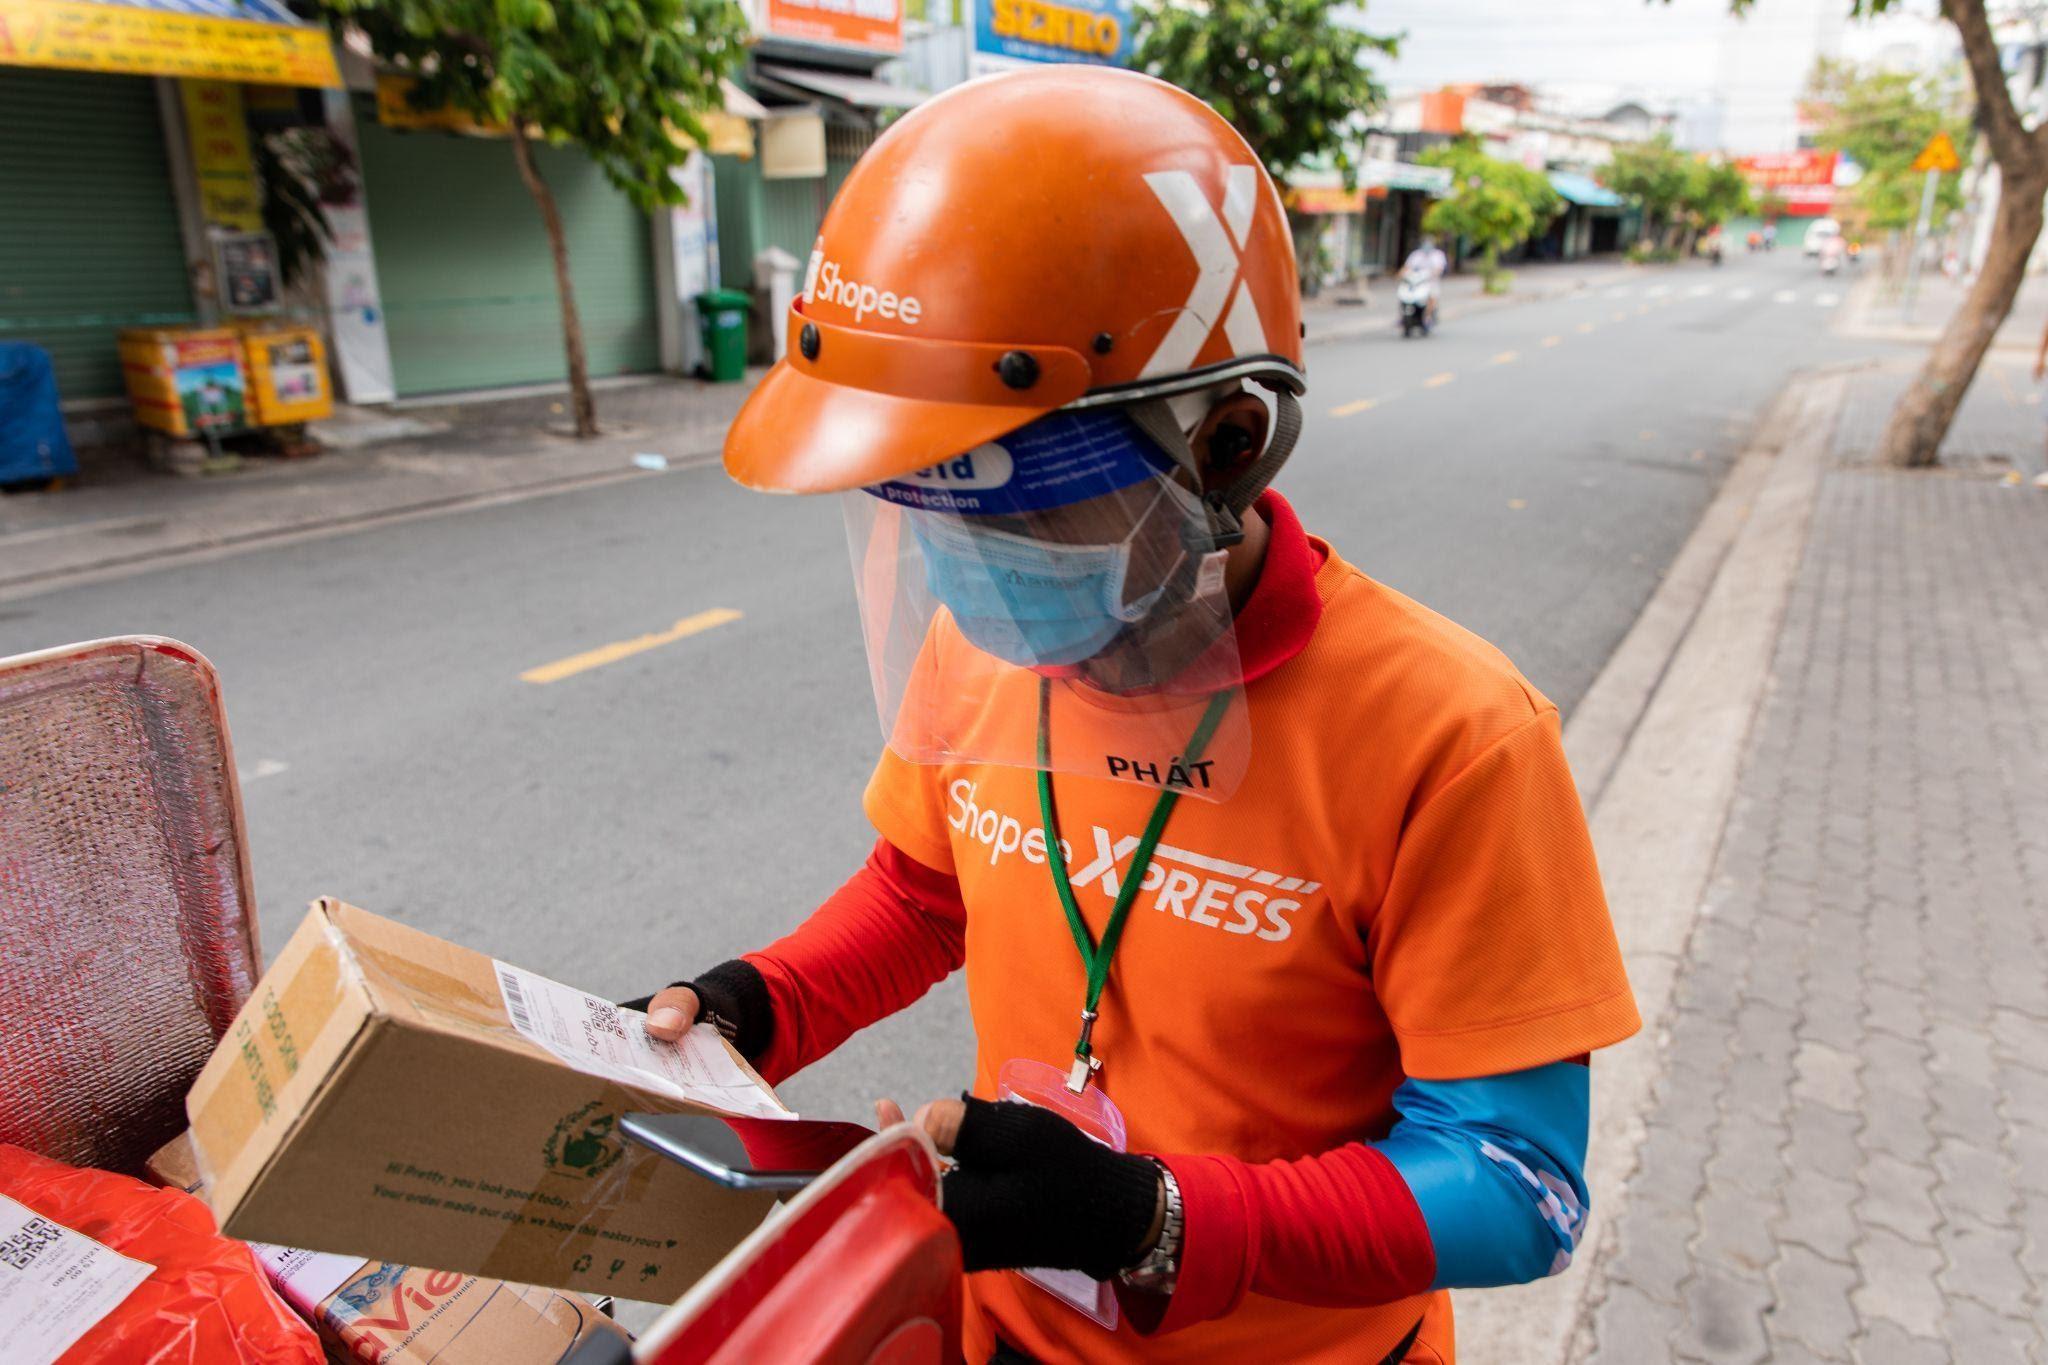 Shopee nỗ lực giao hàng trong mọi tình huống giãn cách tại TP HCM và các khu vực khác trên cả nước